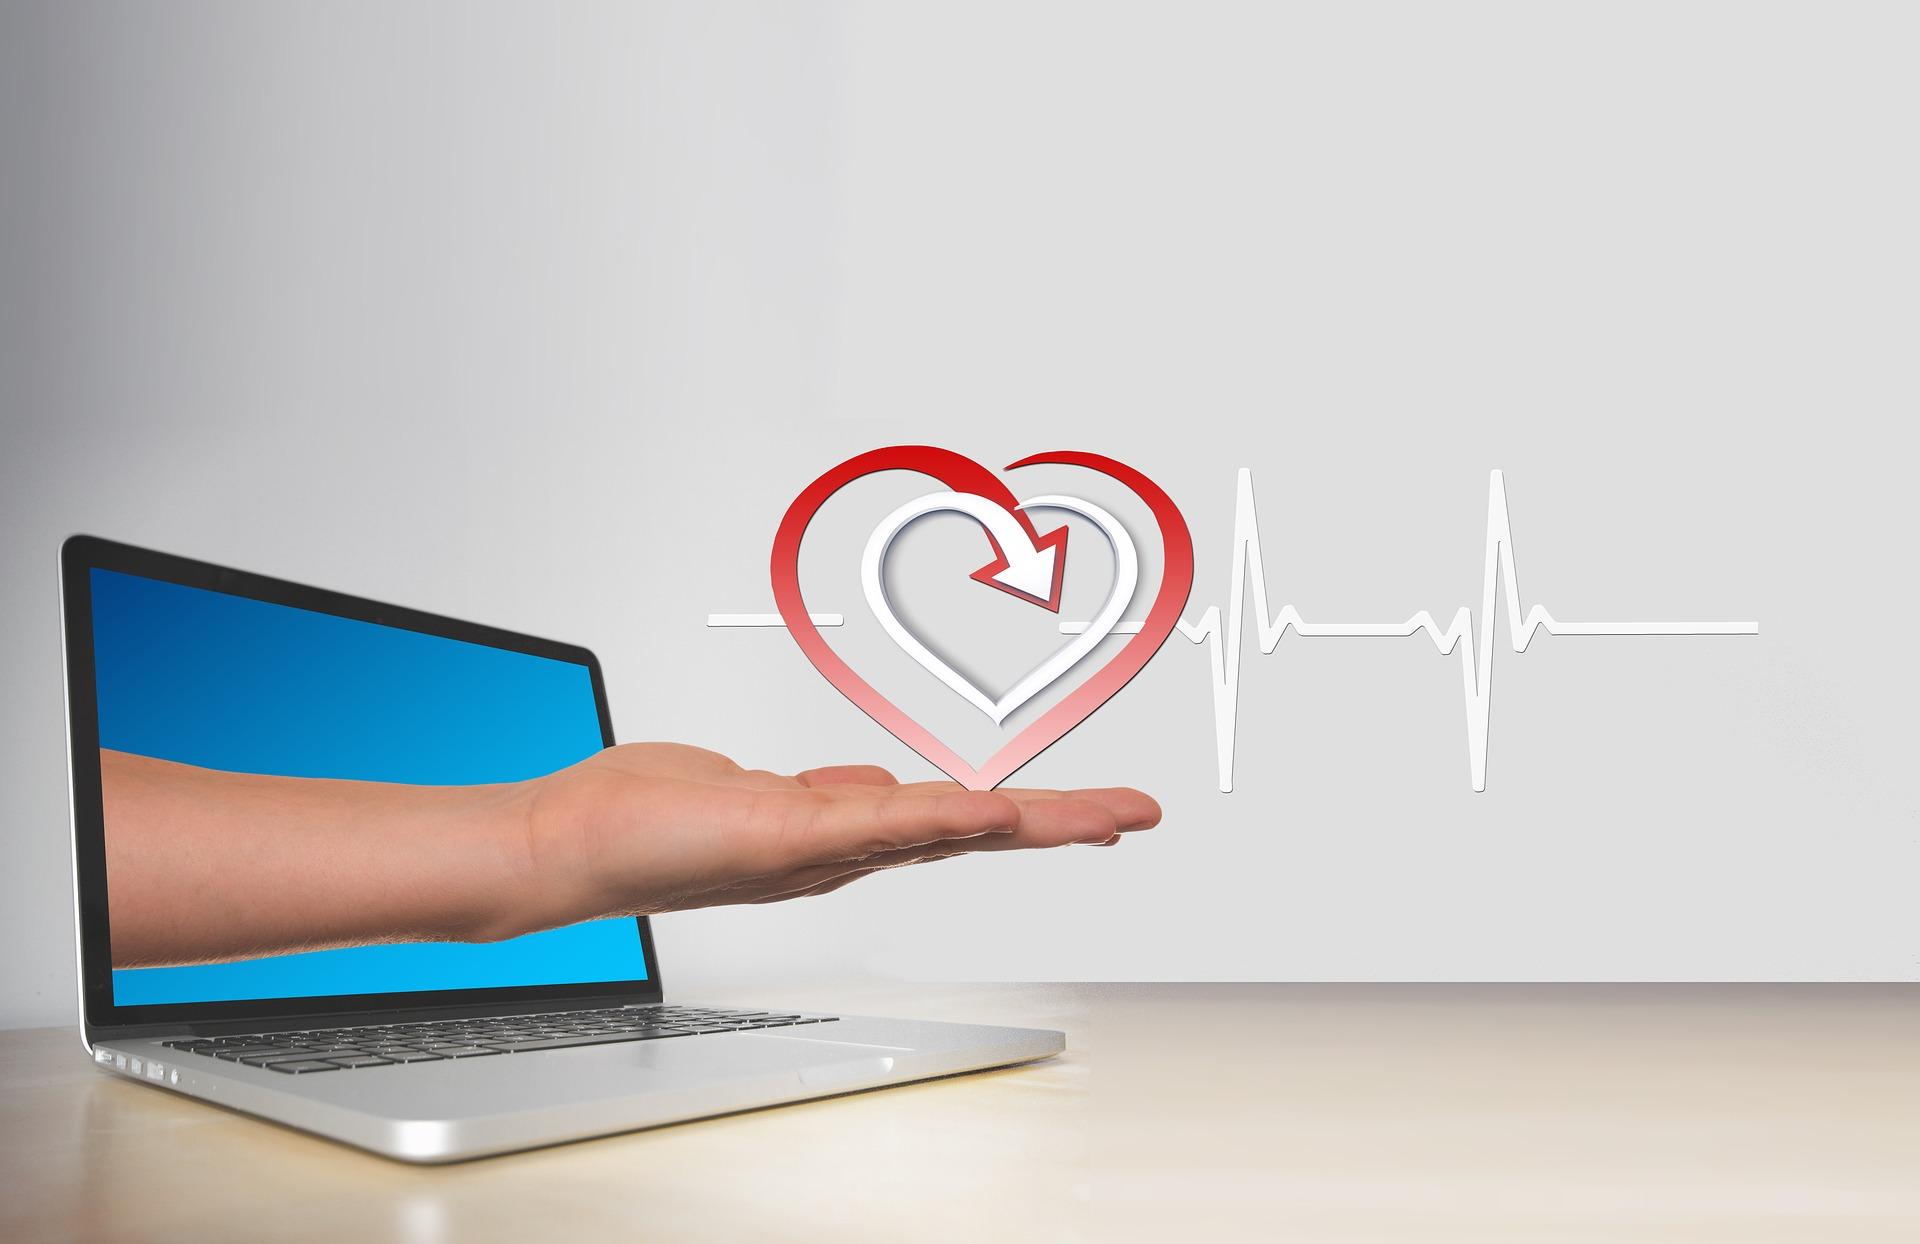 Das Bild zeigt einen Laptop, eine Hand mit einem Herz.